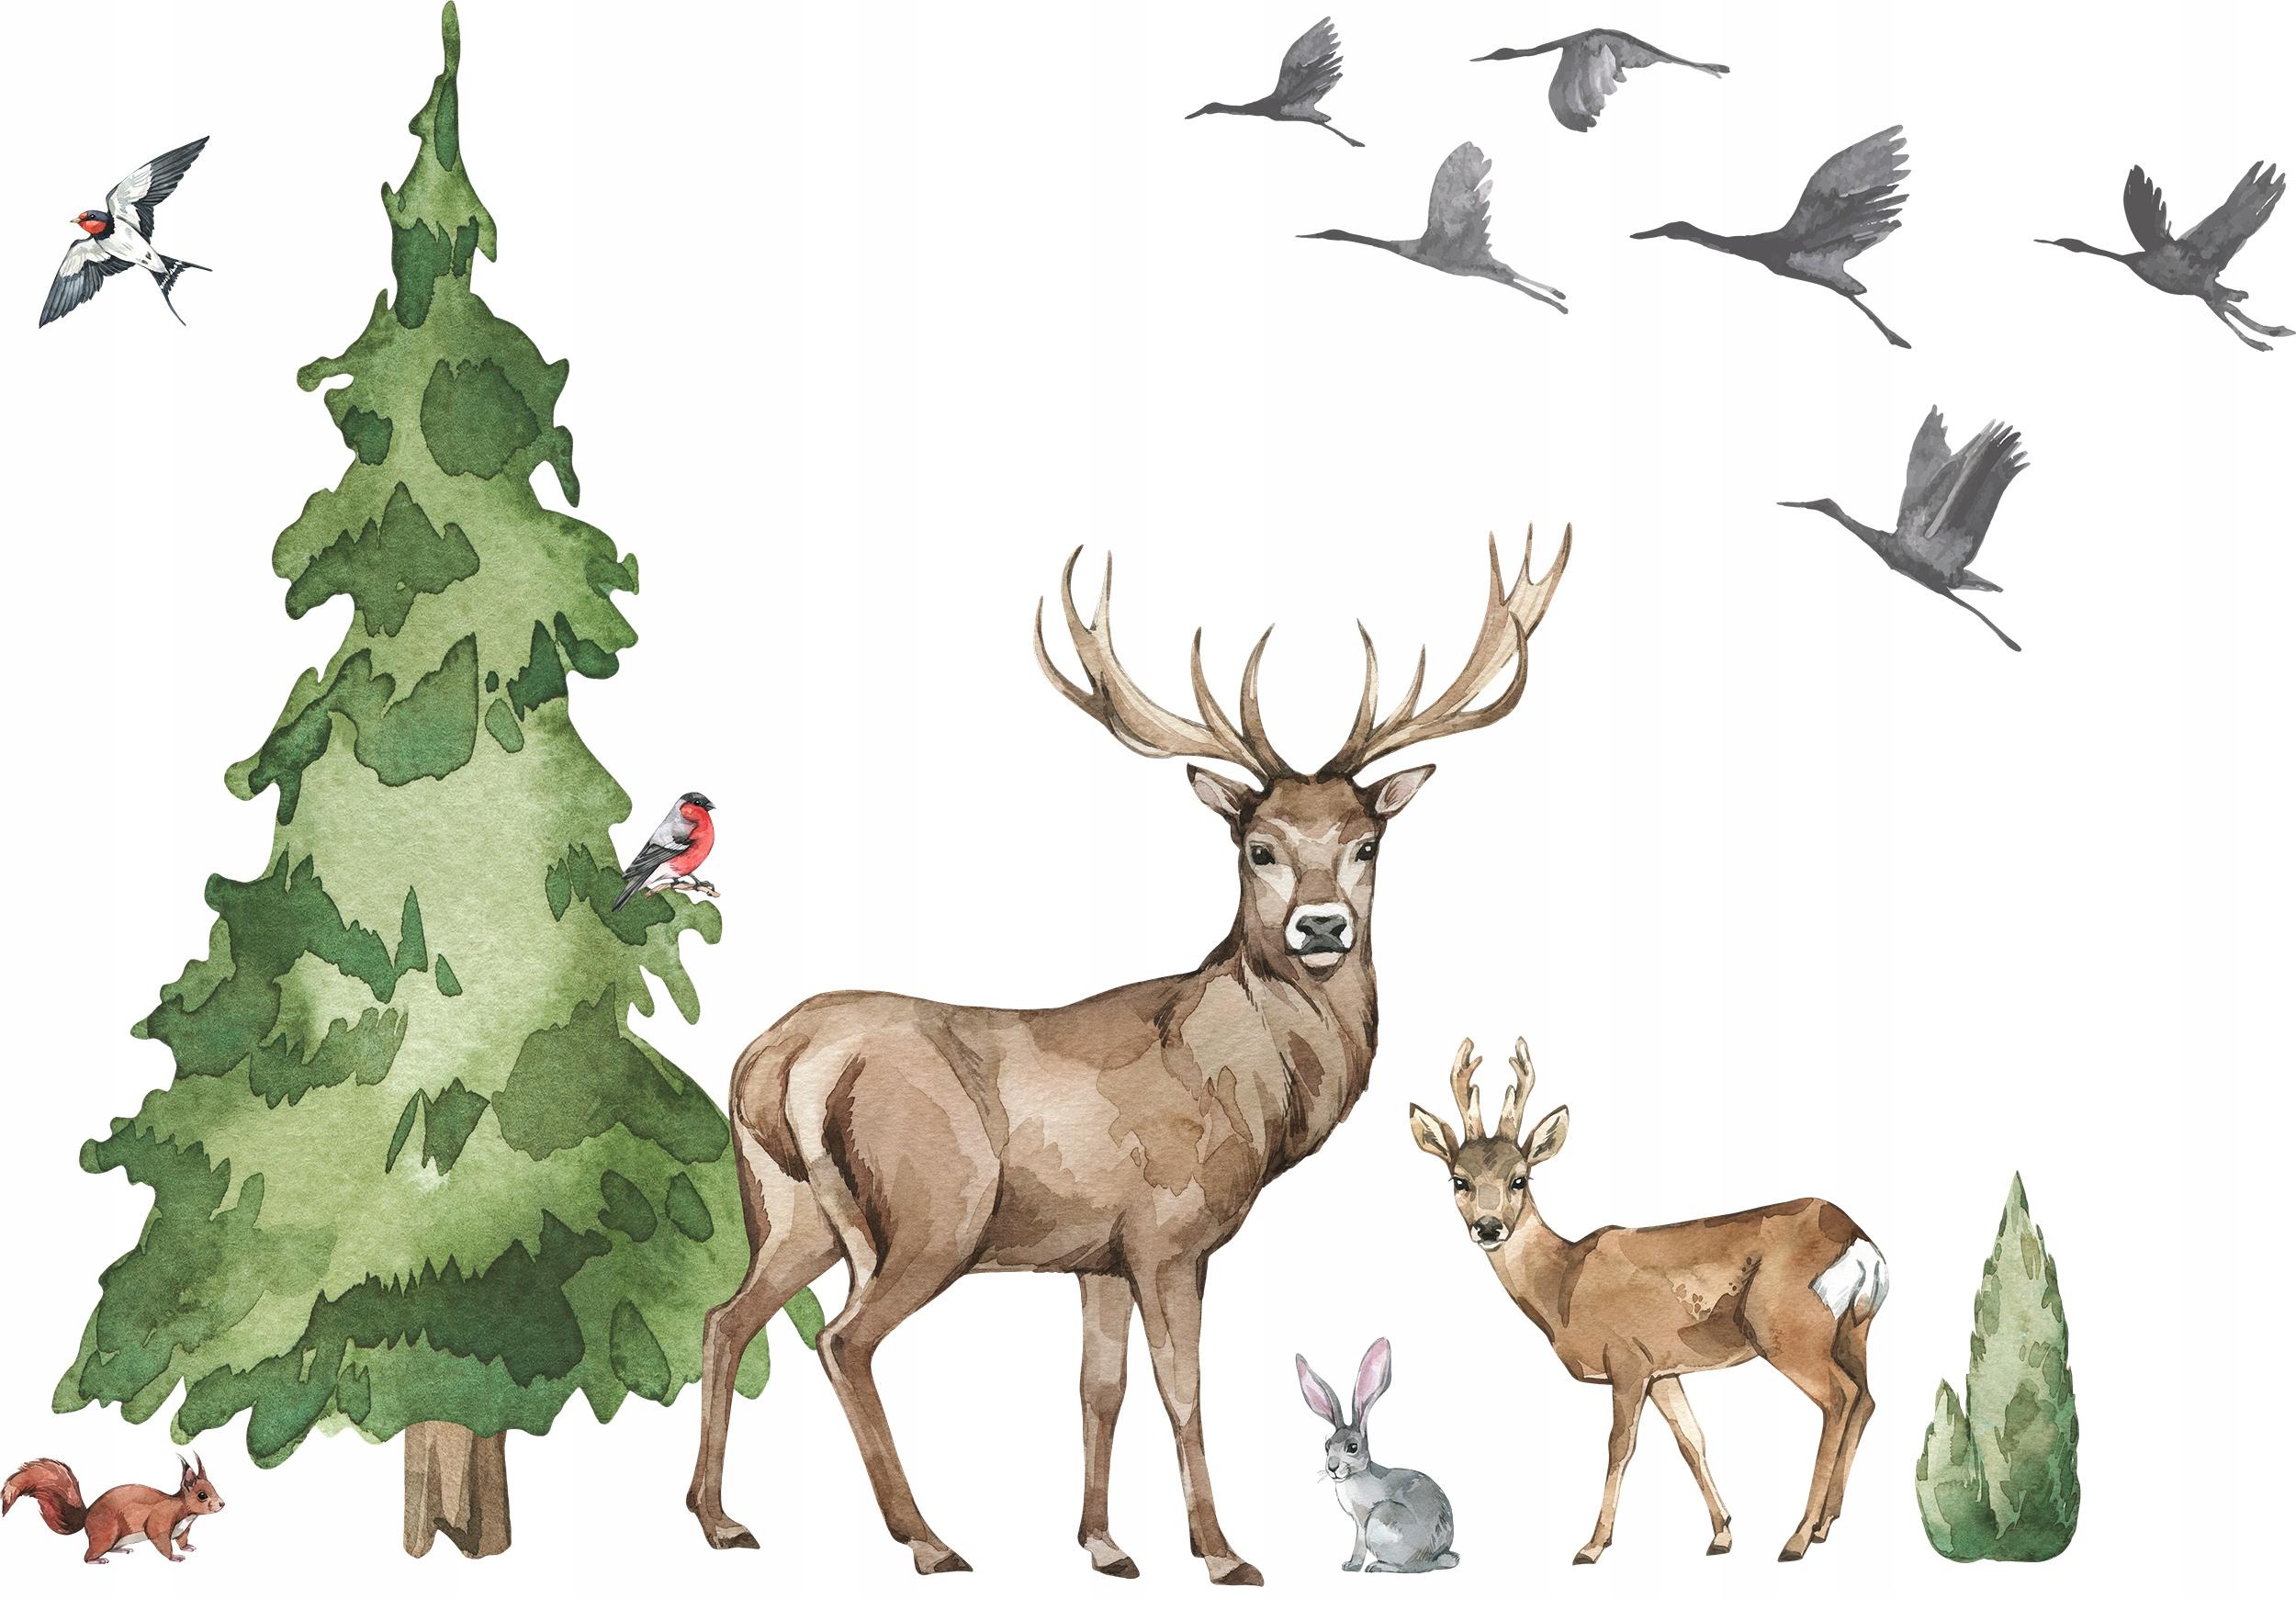 Очень большая наклейка на стене дерева лесного оленя